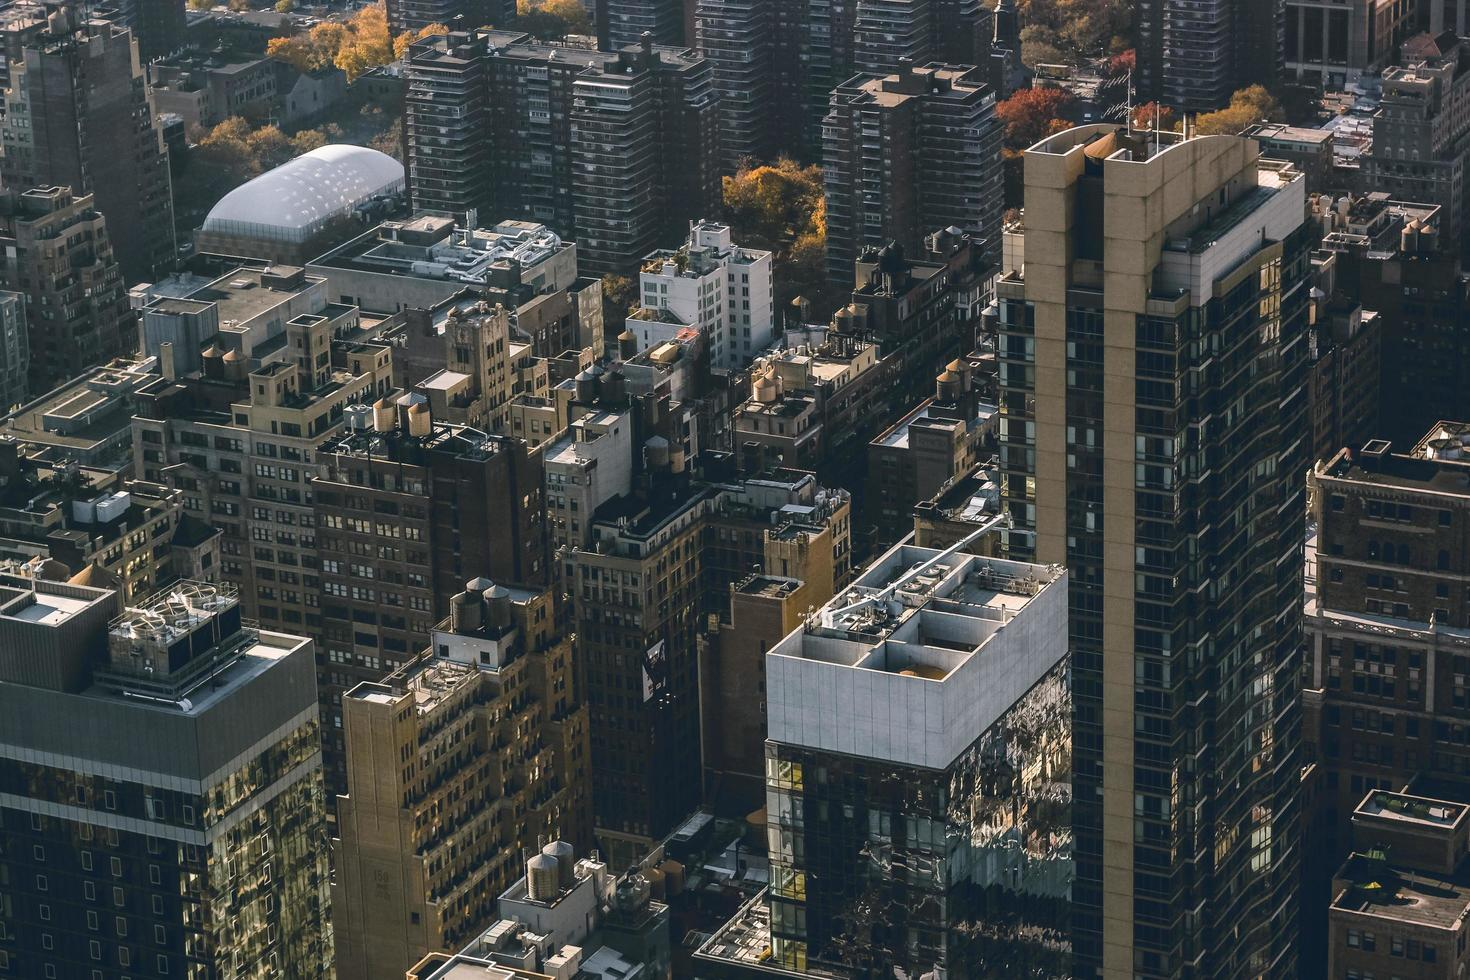 ville pendant la journée photo